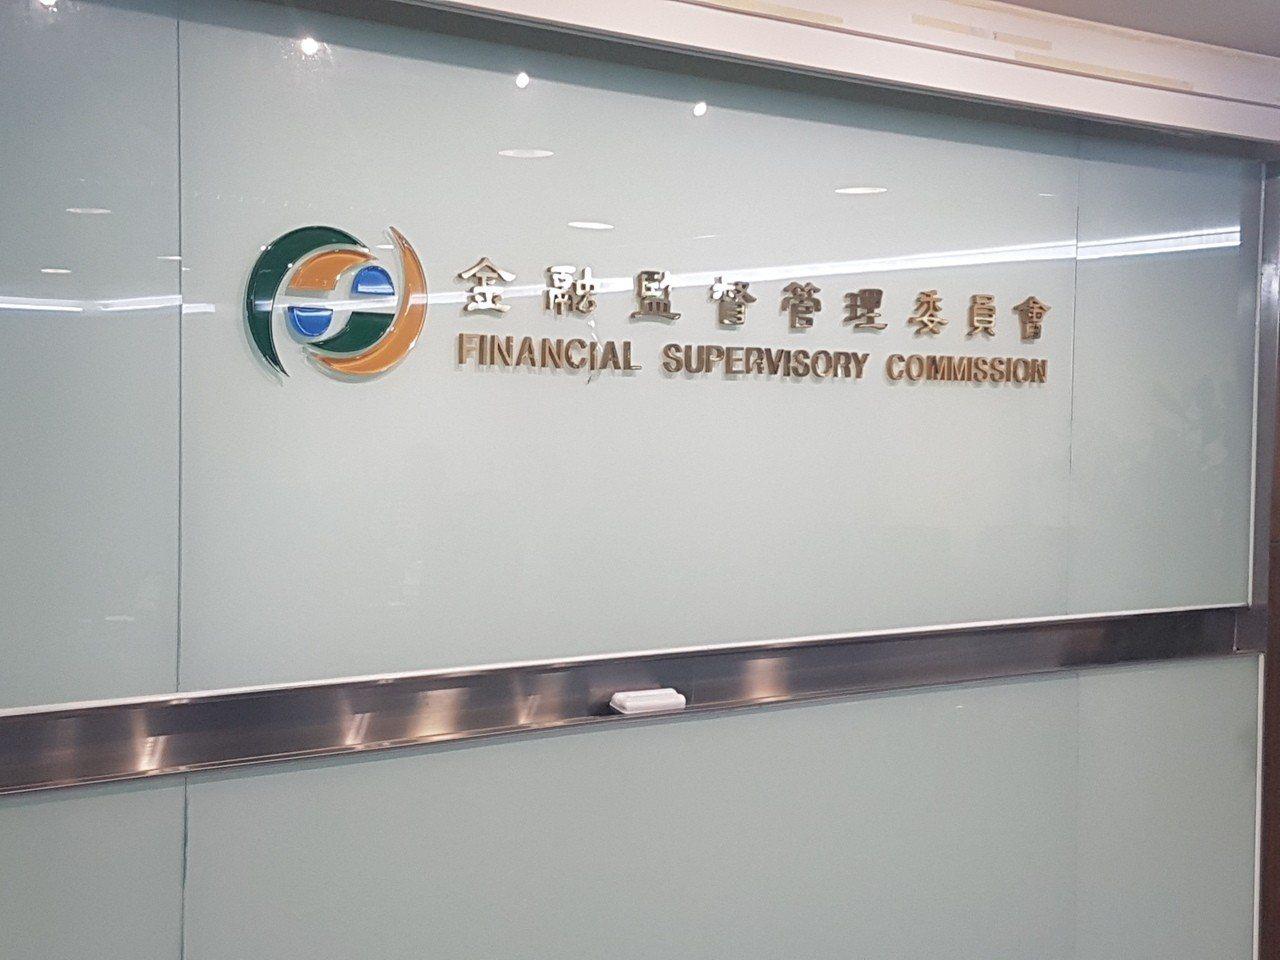 金管會主動調查兩金融機構是否有「產金不分離」現象。 圖/聯合報系資料照片